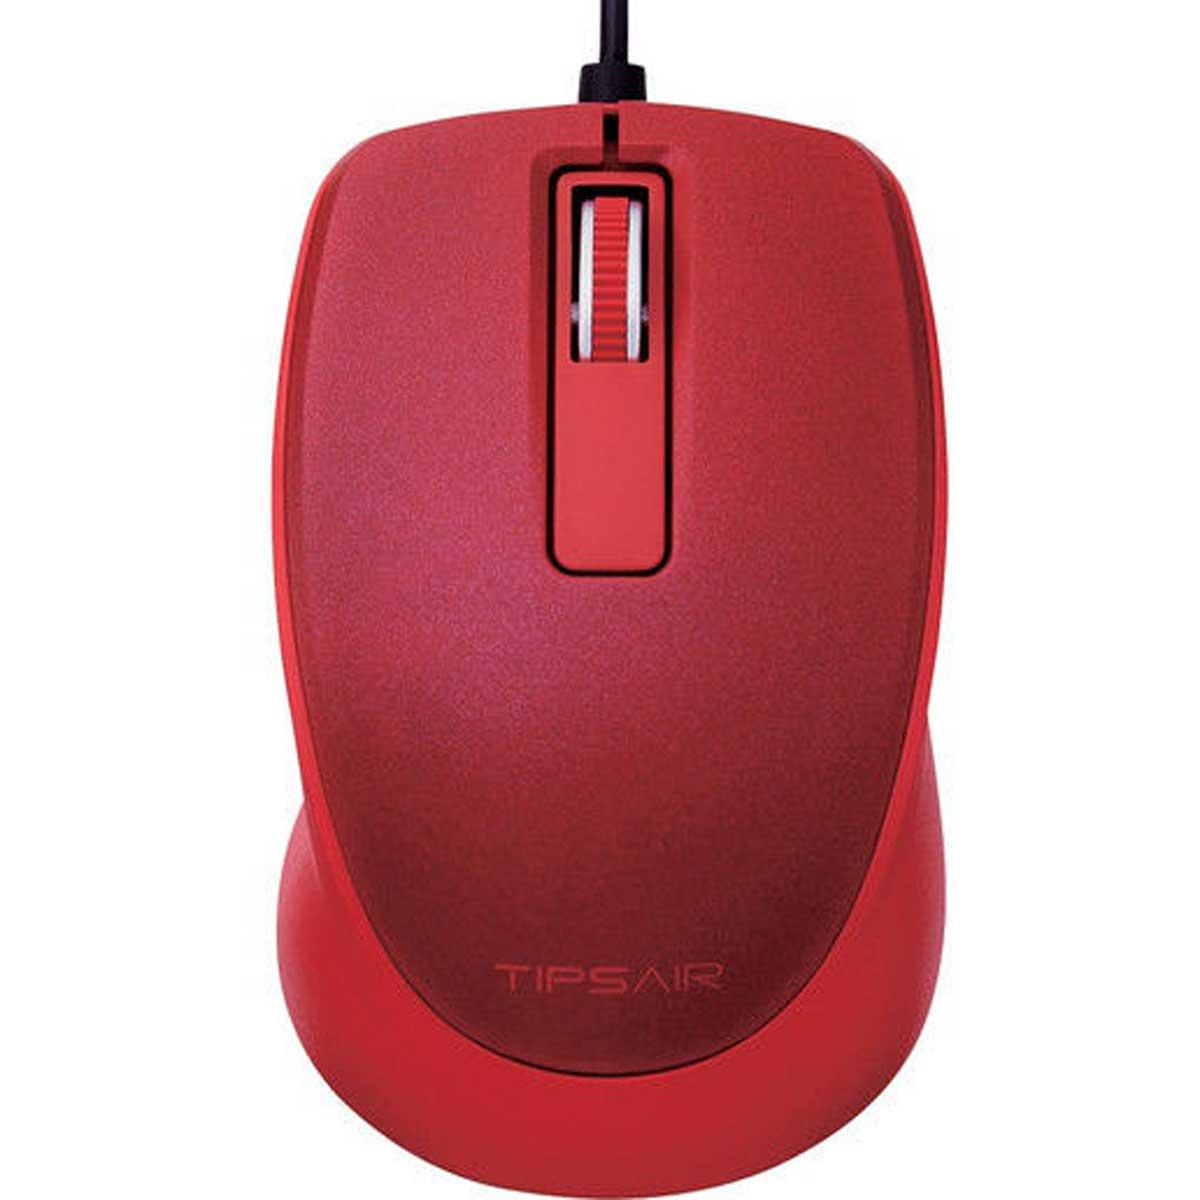 Chuột có dây Elecom M-TP10UBSRD (Màu đỏ)